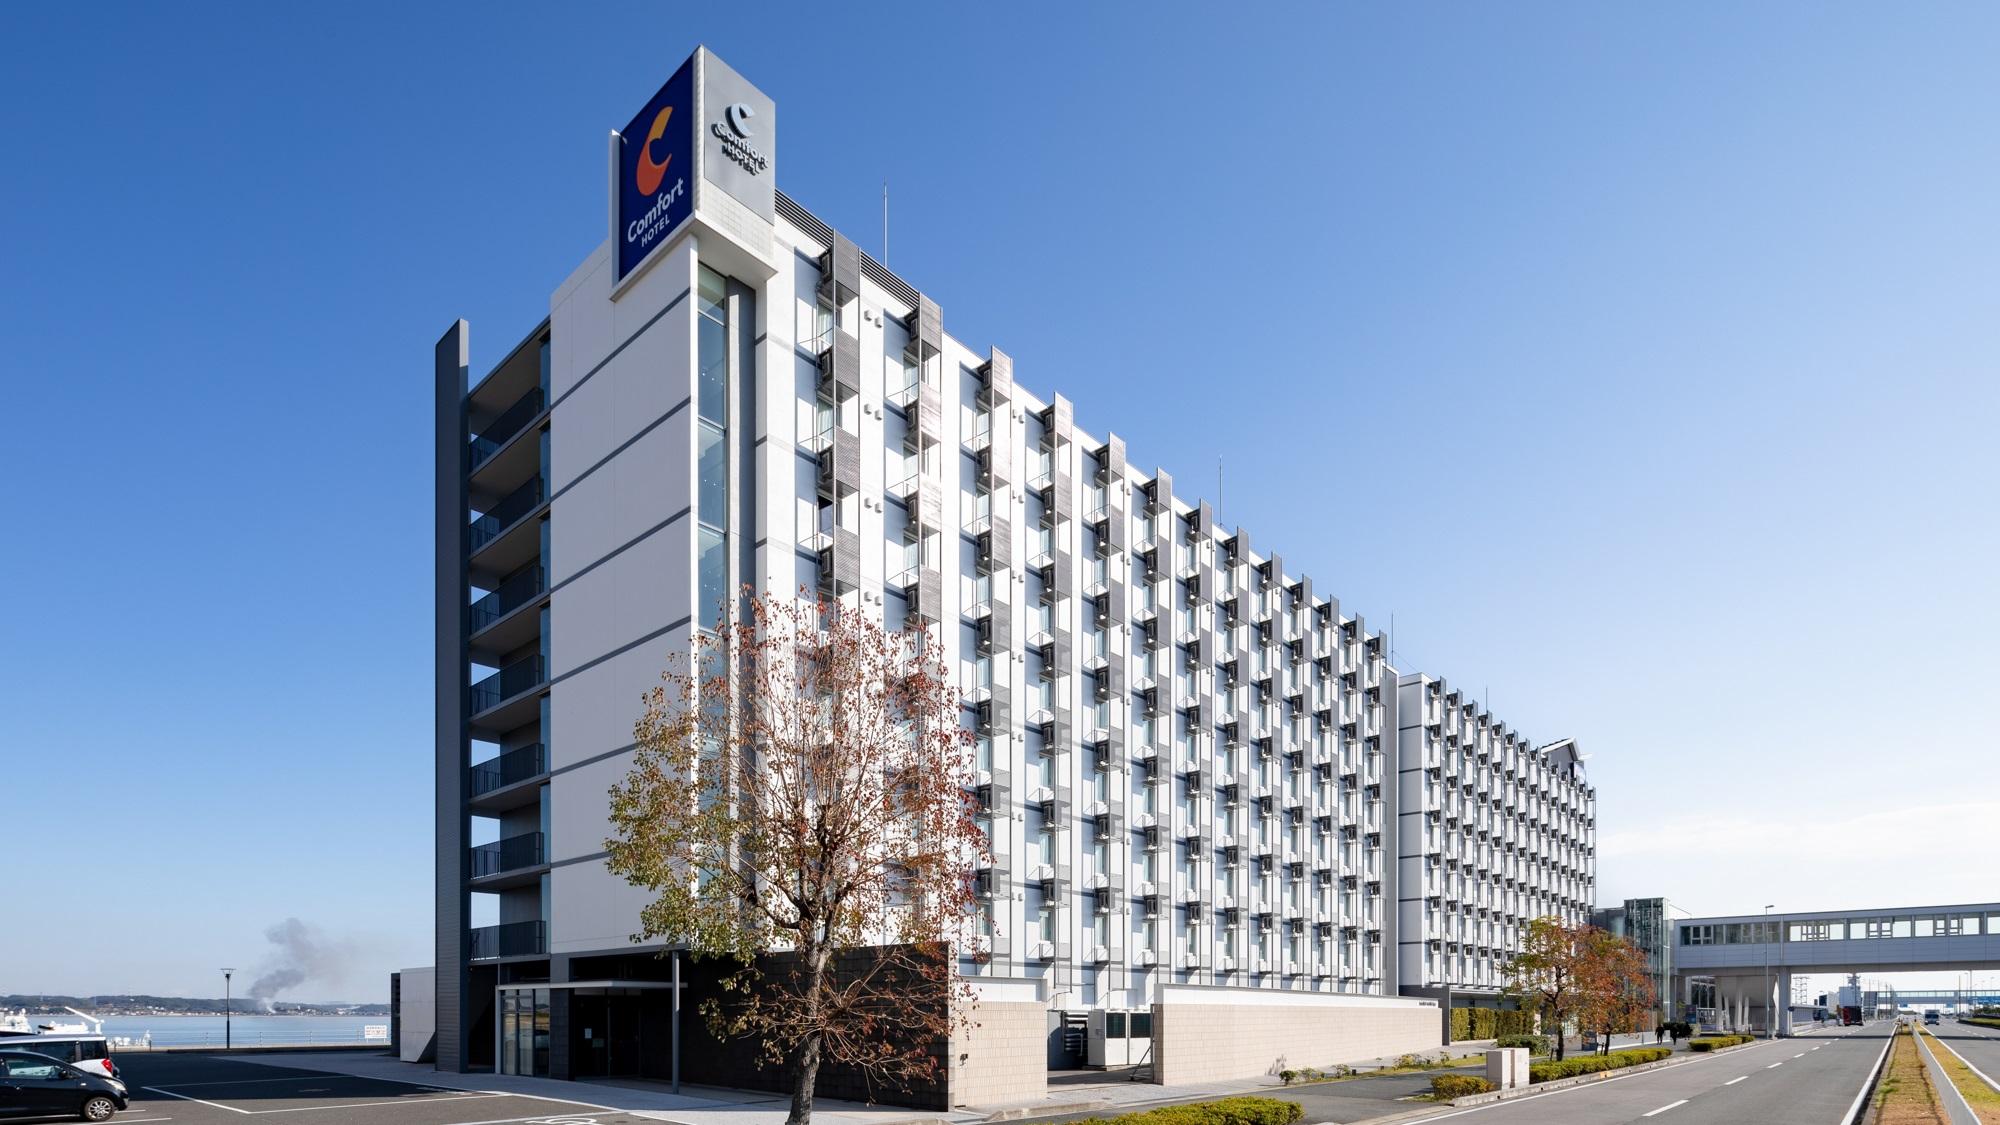 コンフォート ホテル 中部国際空港◆楽天トラベル